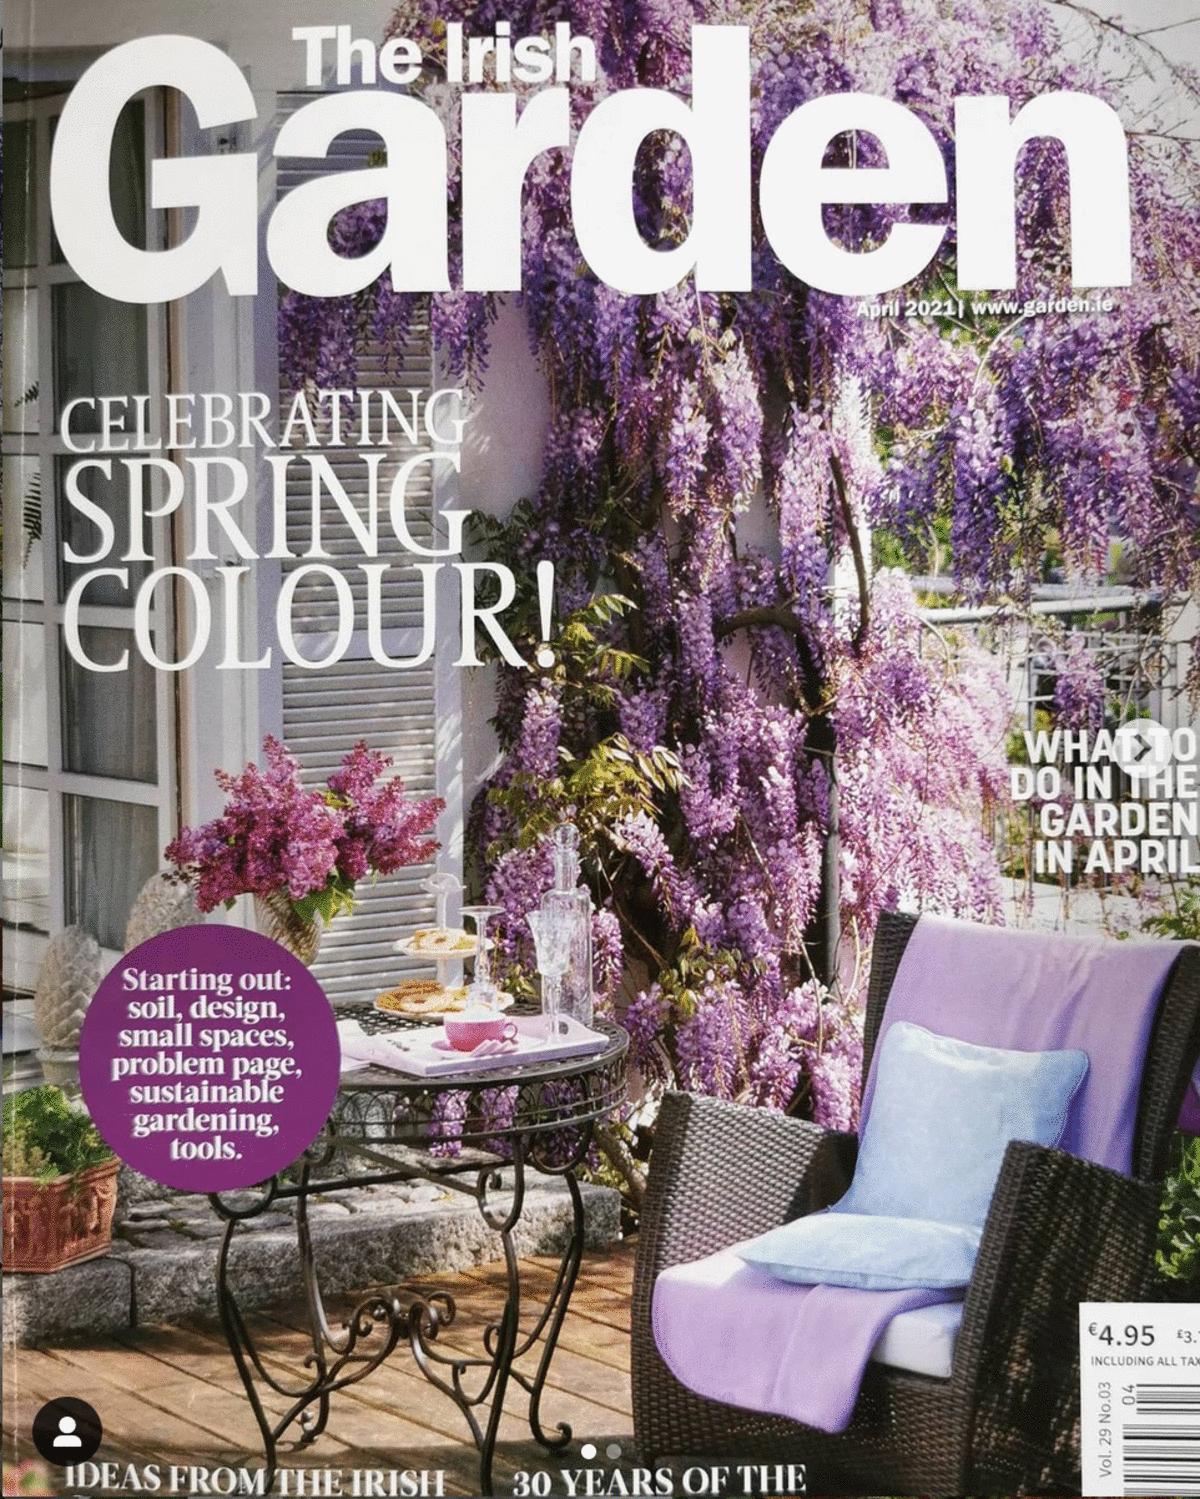 Irish Garden Magazine, April 2021